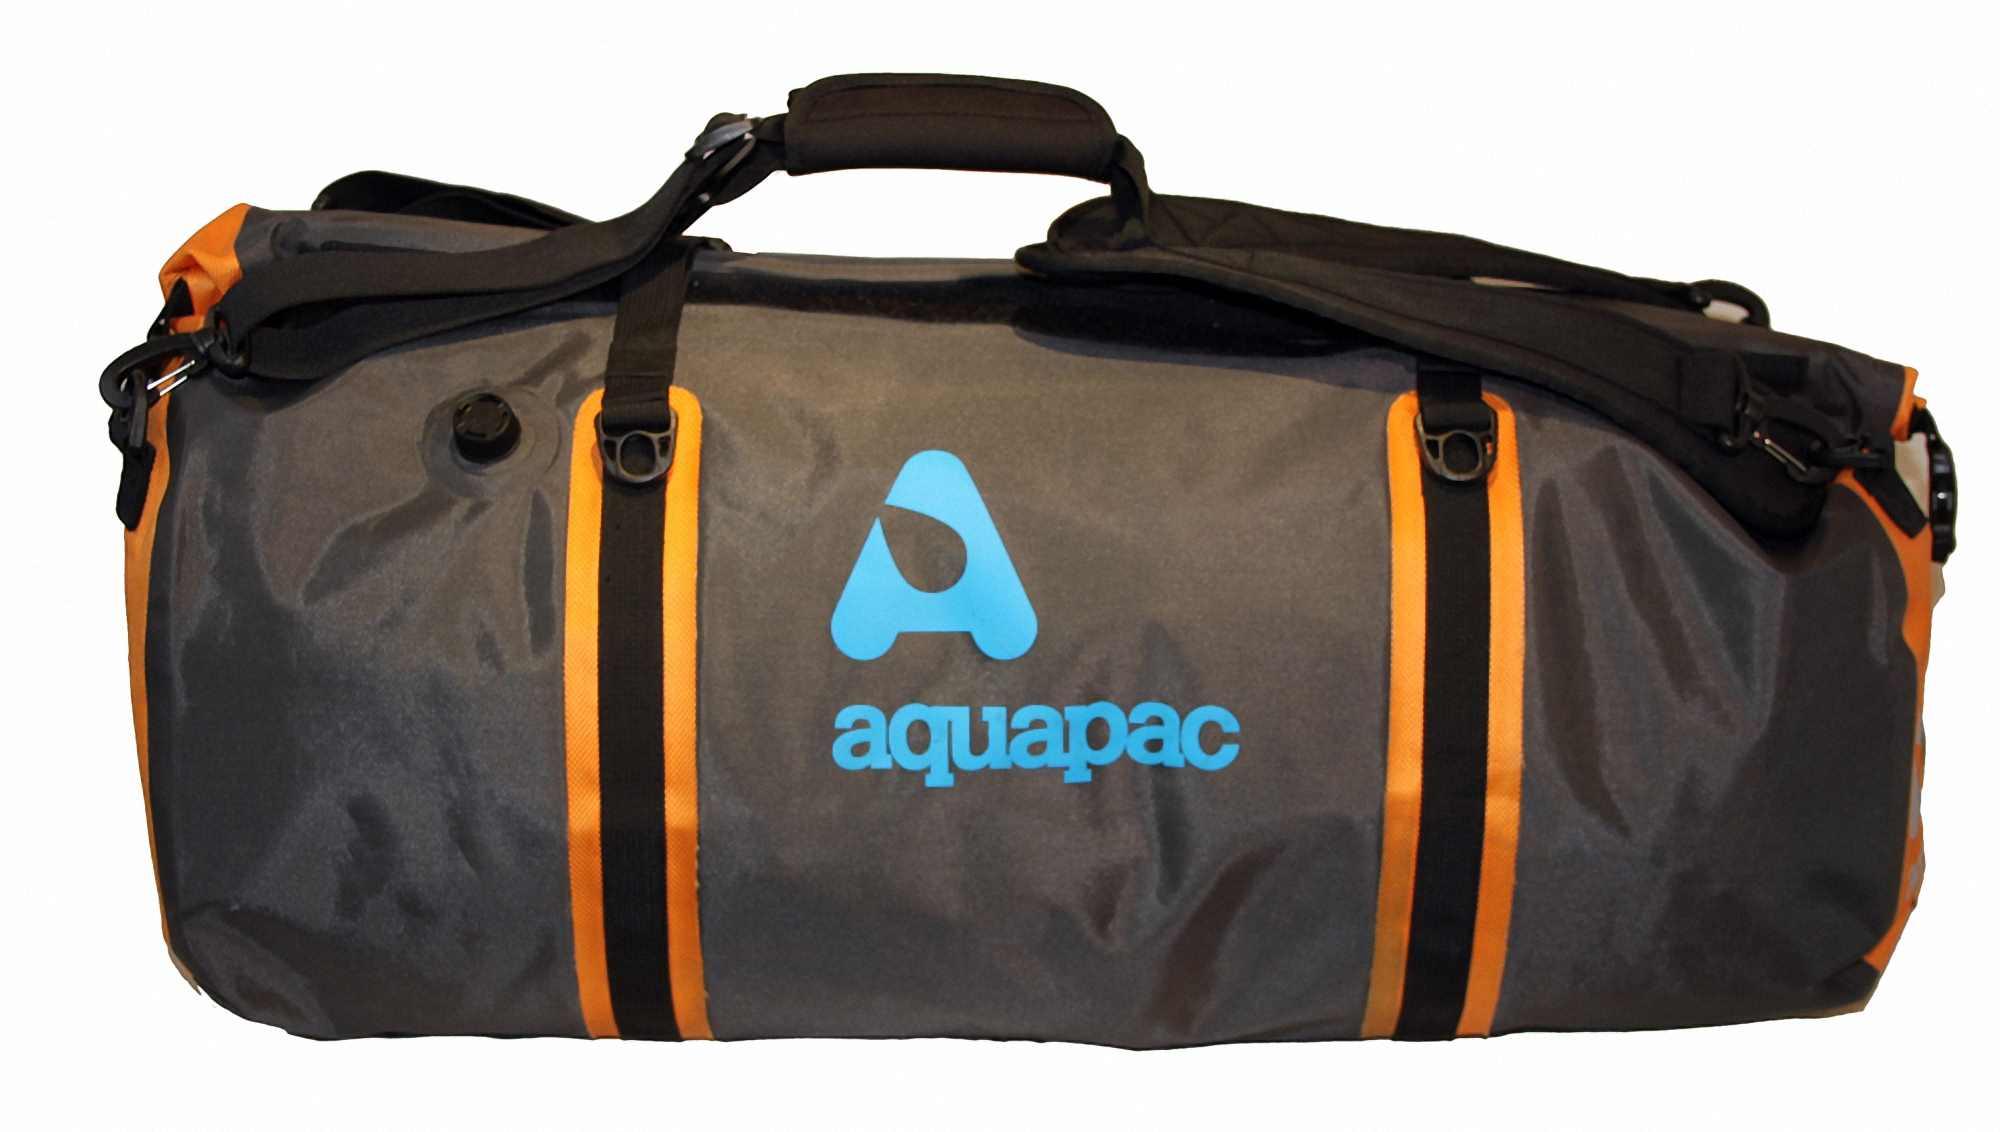 Водонепроницаемая сумка-рюкзак Aquapac 703 - Upano Waterproof Duffel - 70L.. Aquapac - №1 в мире водонепроницаемых чехлов и сумок. Фото 9